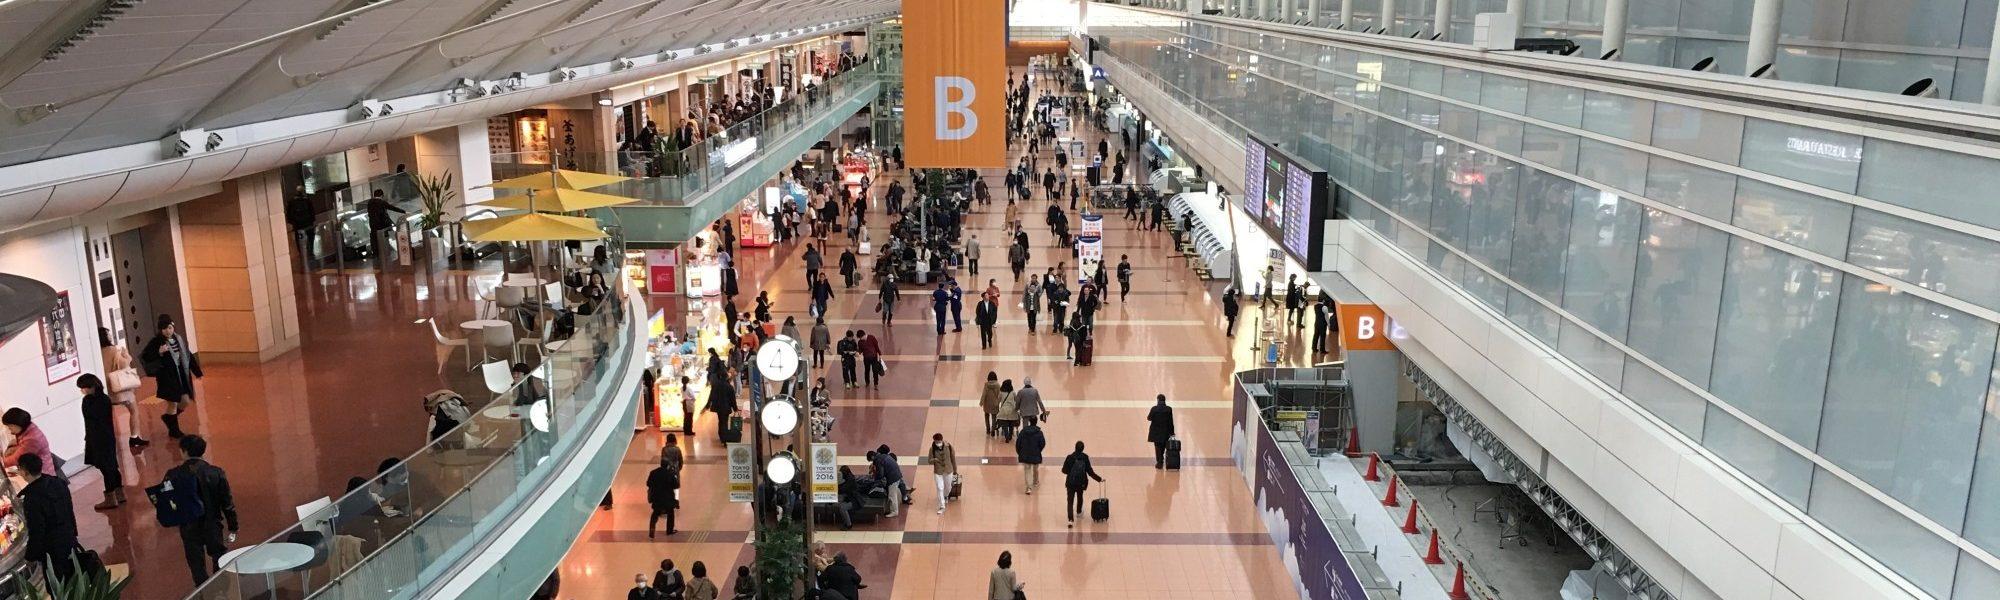 AirportHub_haneda